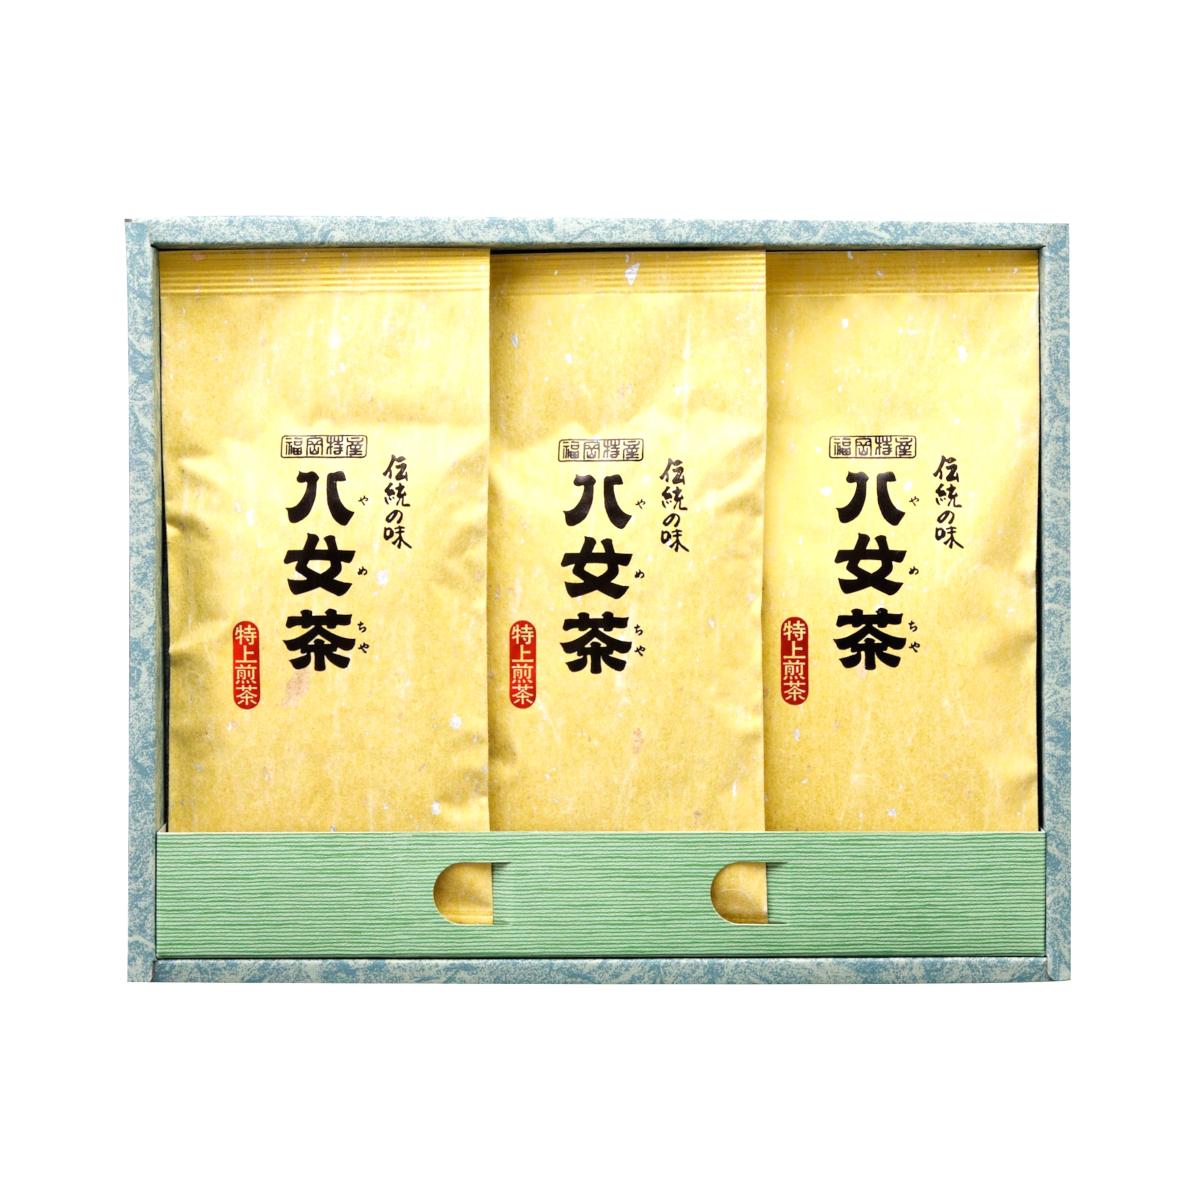 【G-221・ニ】特上煎茶 3袋ギフト